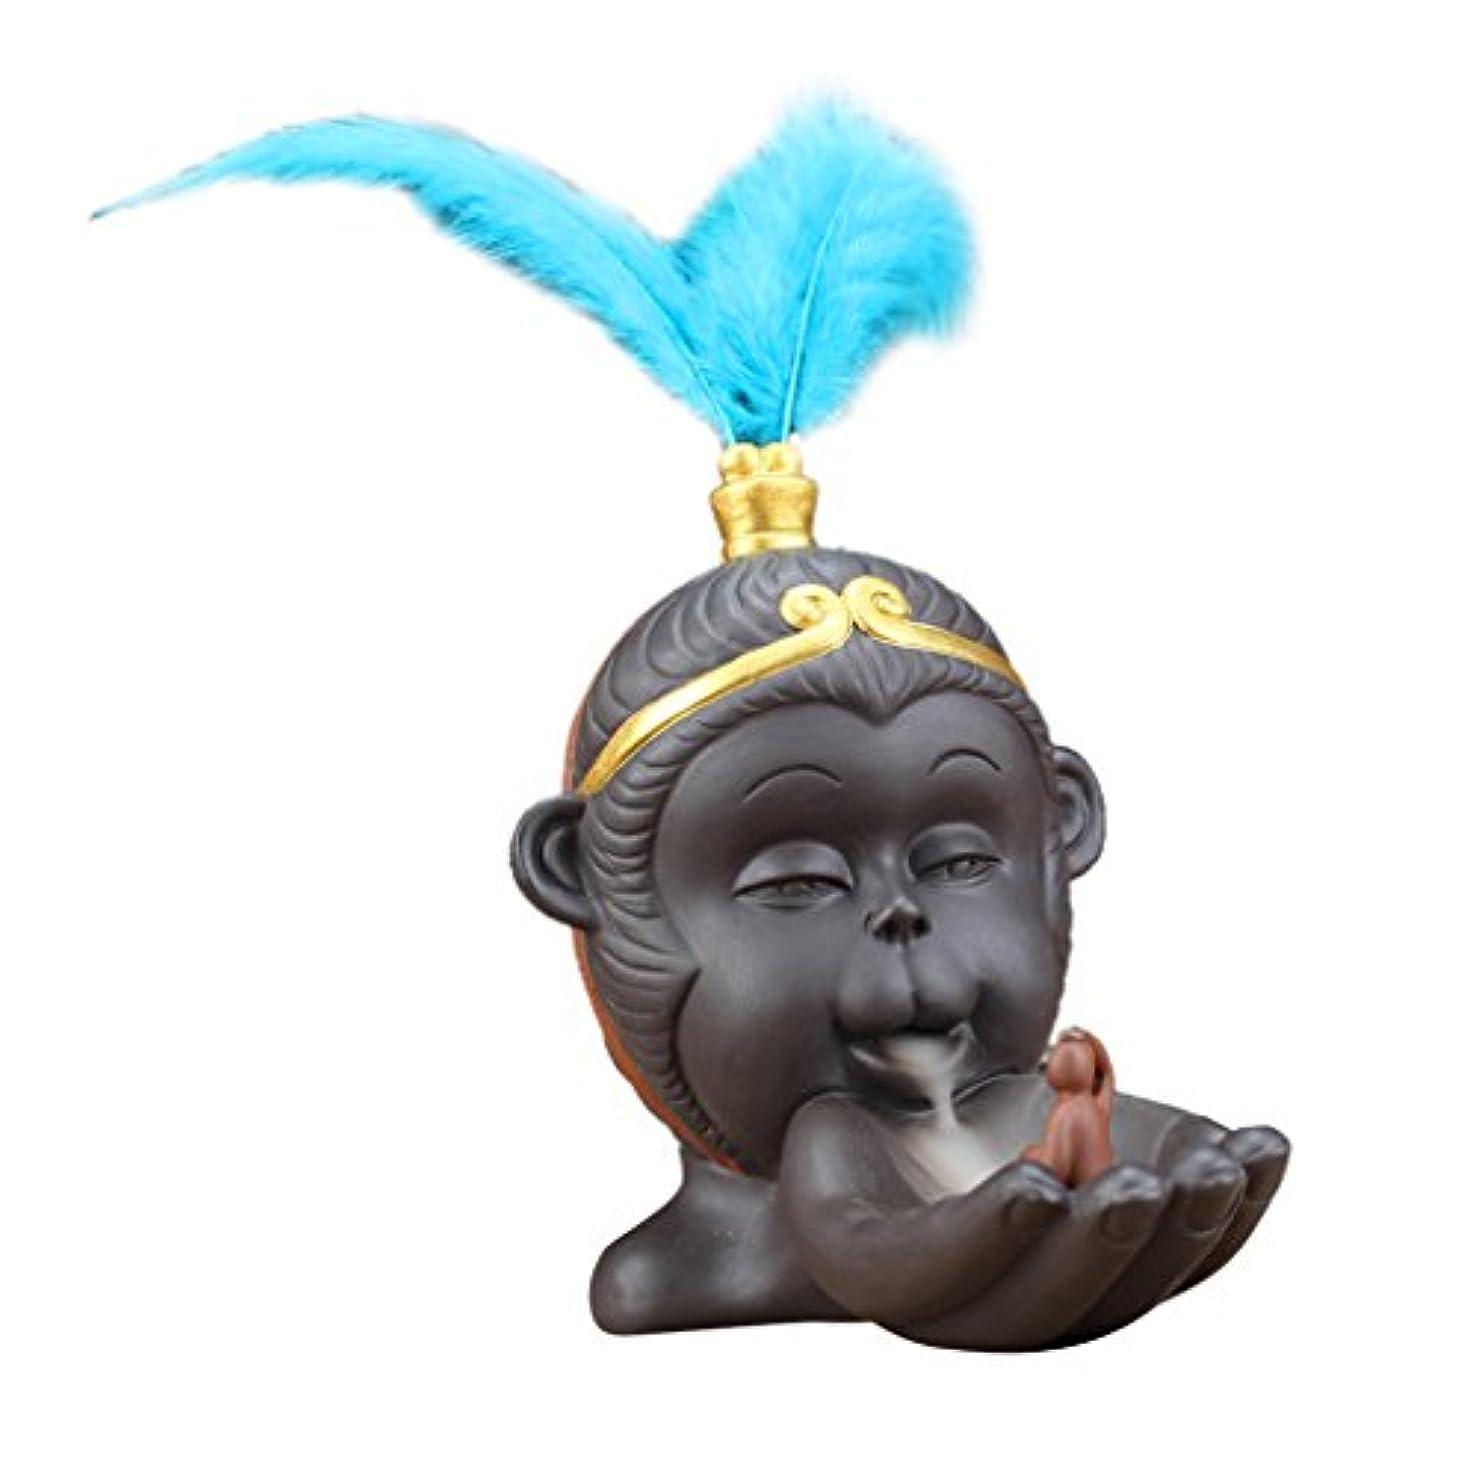 嫌な森林徹底Homyl ヴィンテージ 仏教 香炉 バーナーホルダー 逆流コーン 香バーナー 全2色 - 青